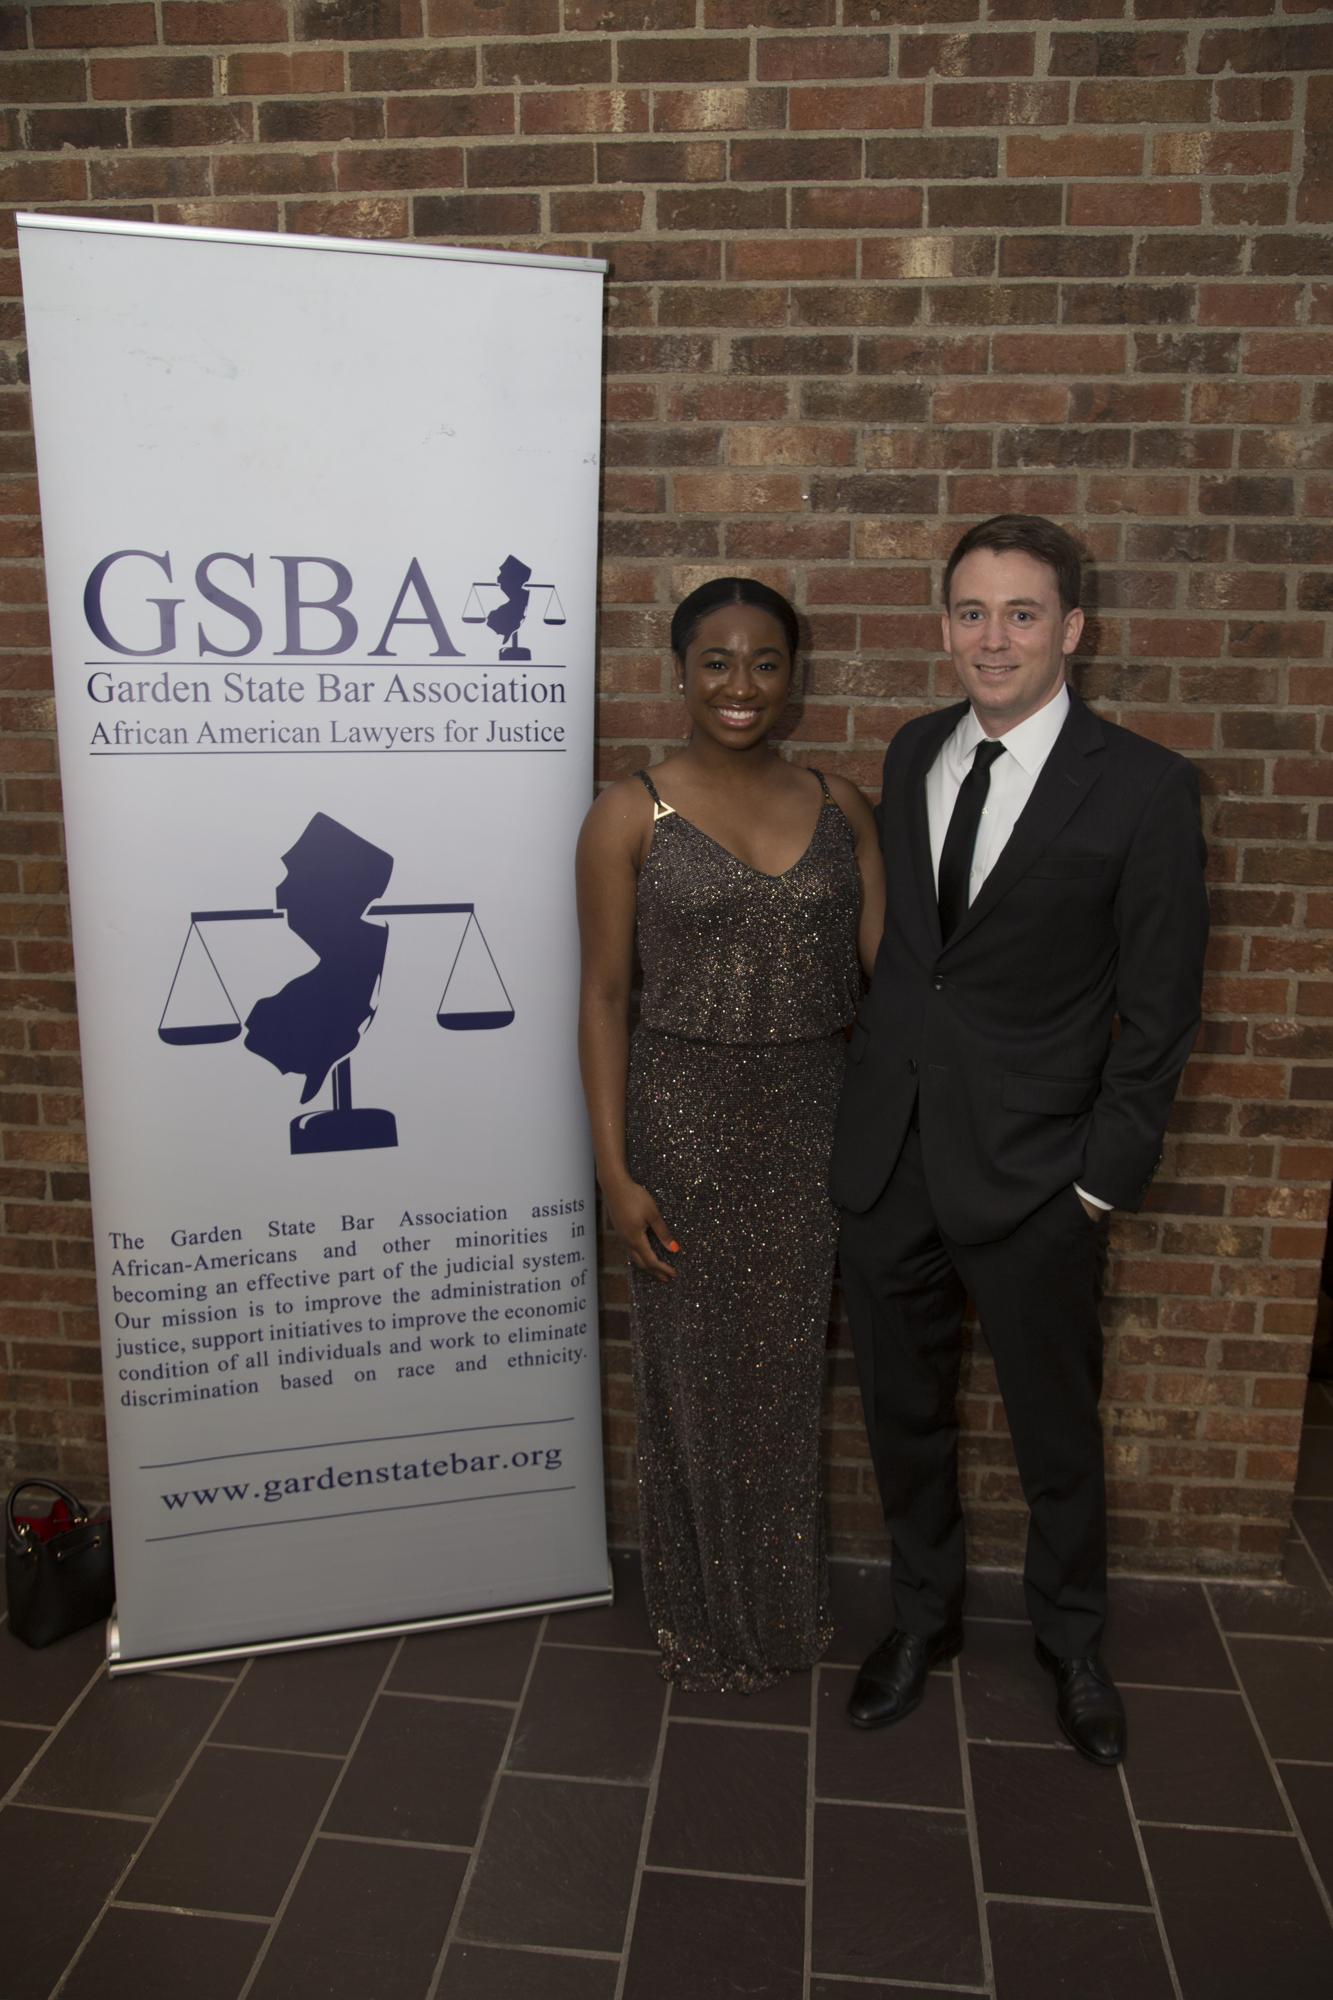 GSBA 116.jpg